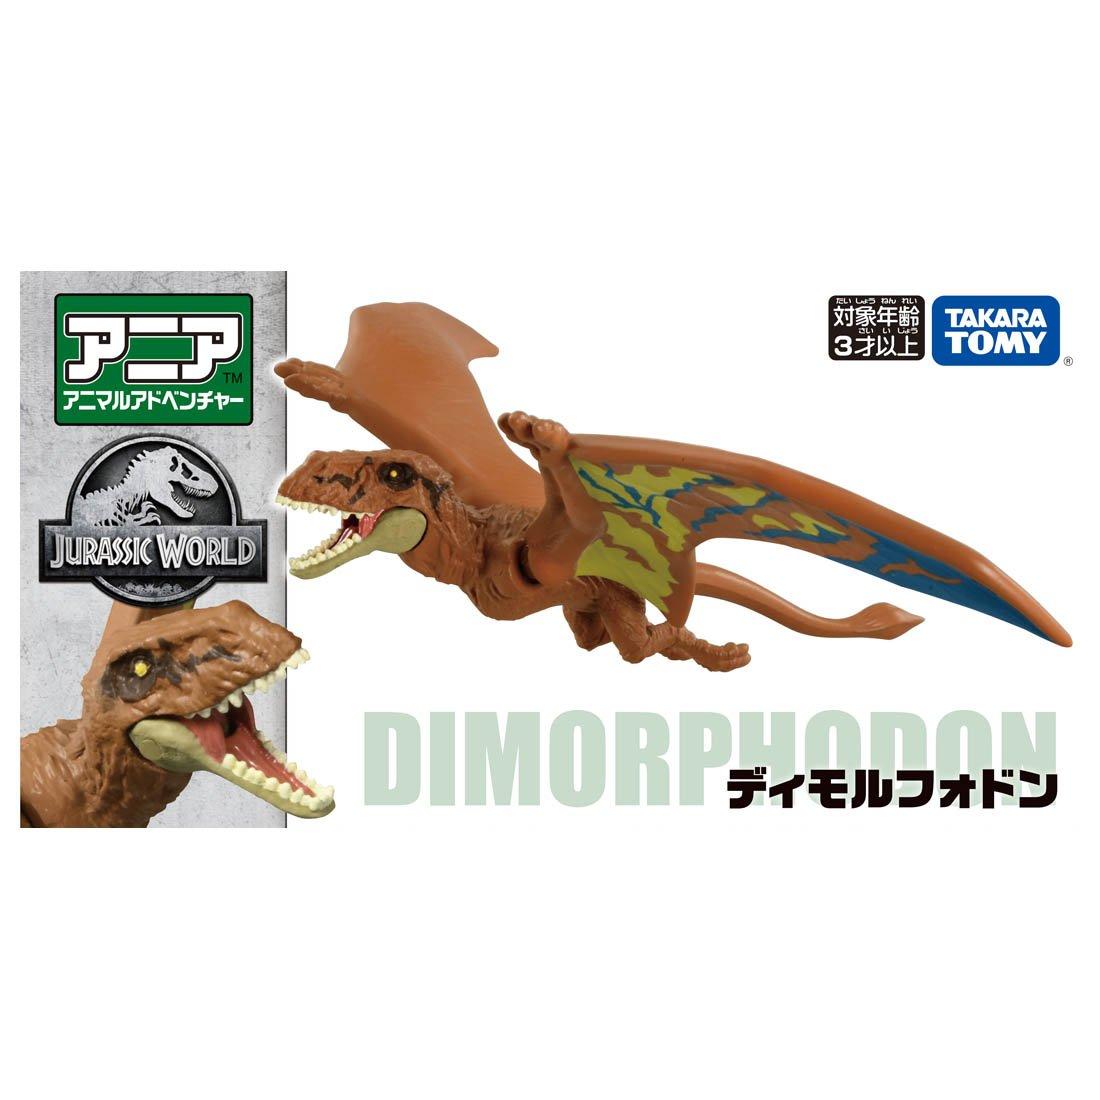 TOMY 動物模型 侏儸紀世界 - 雙型齒翼龍